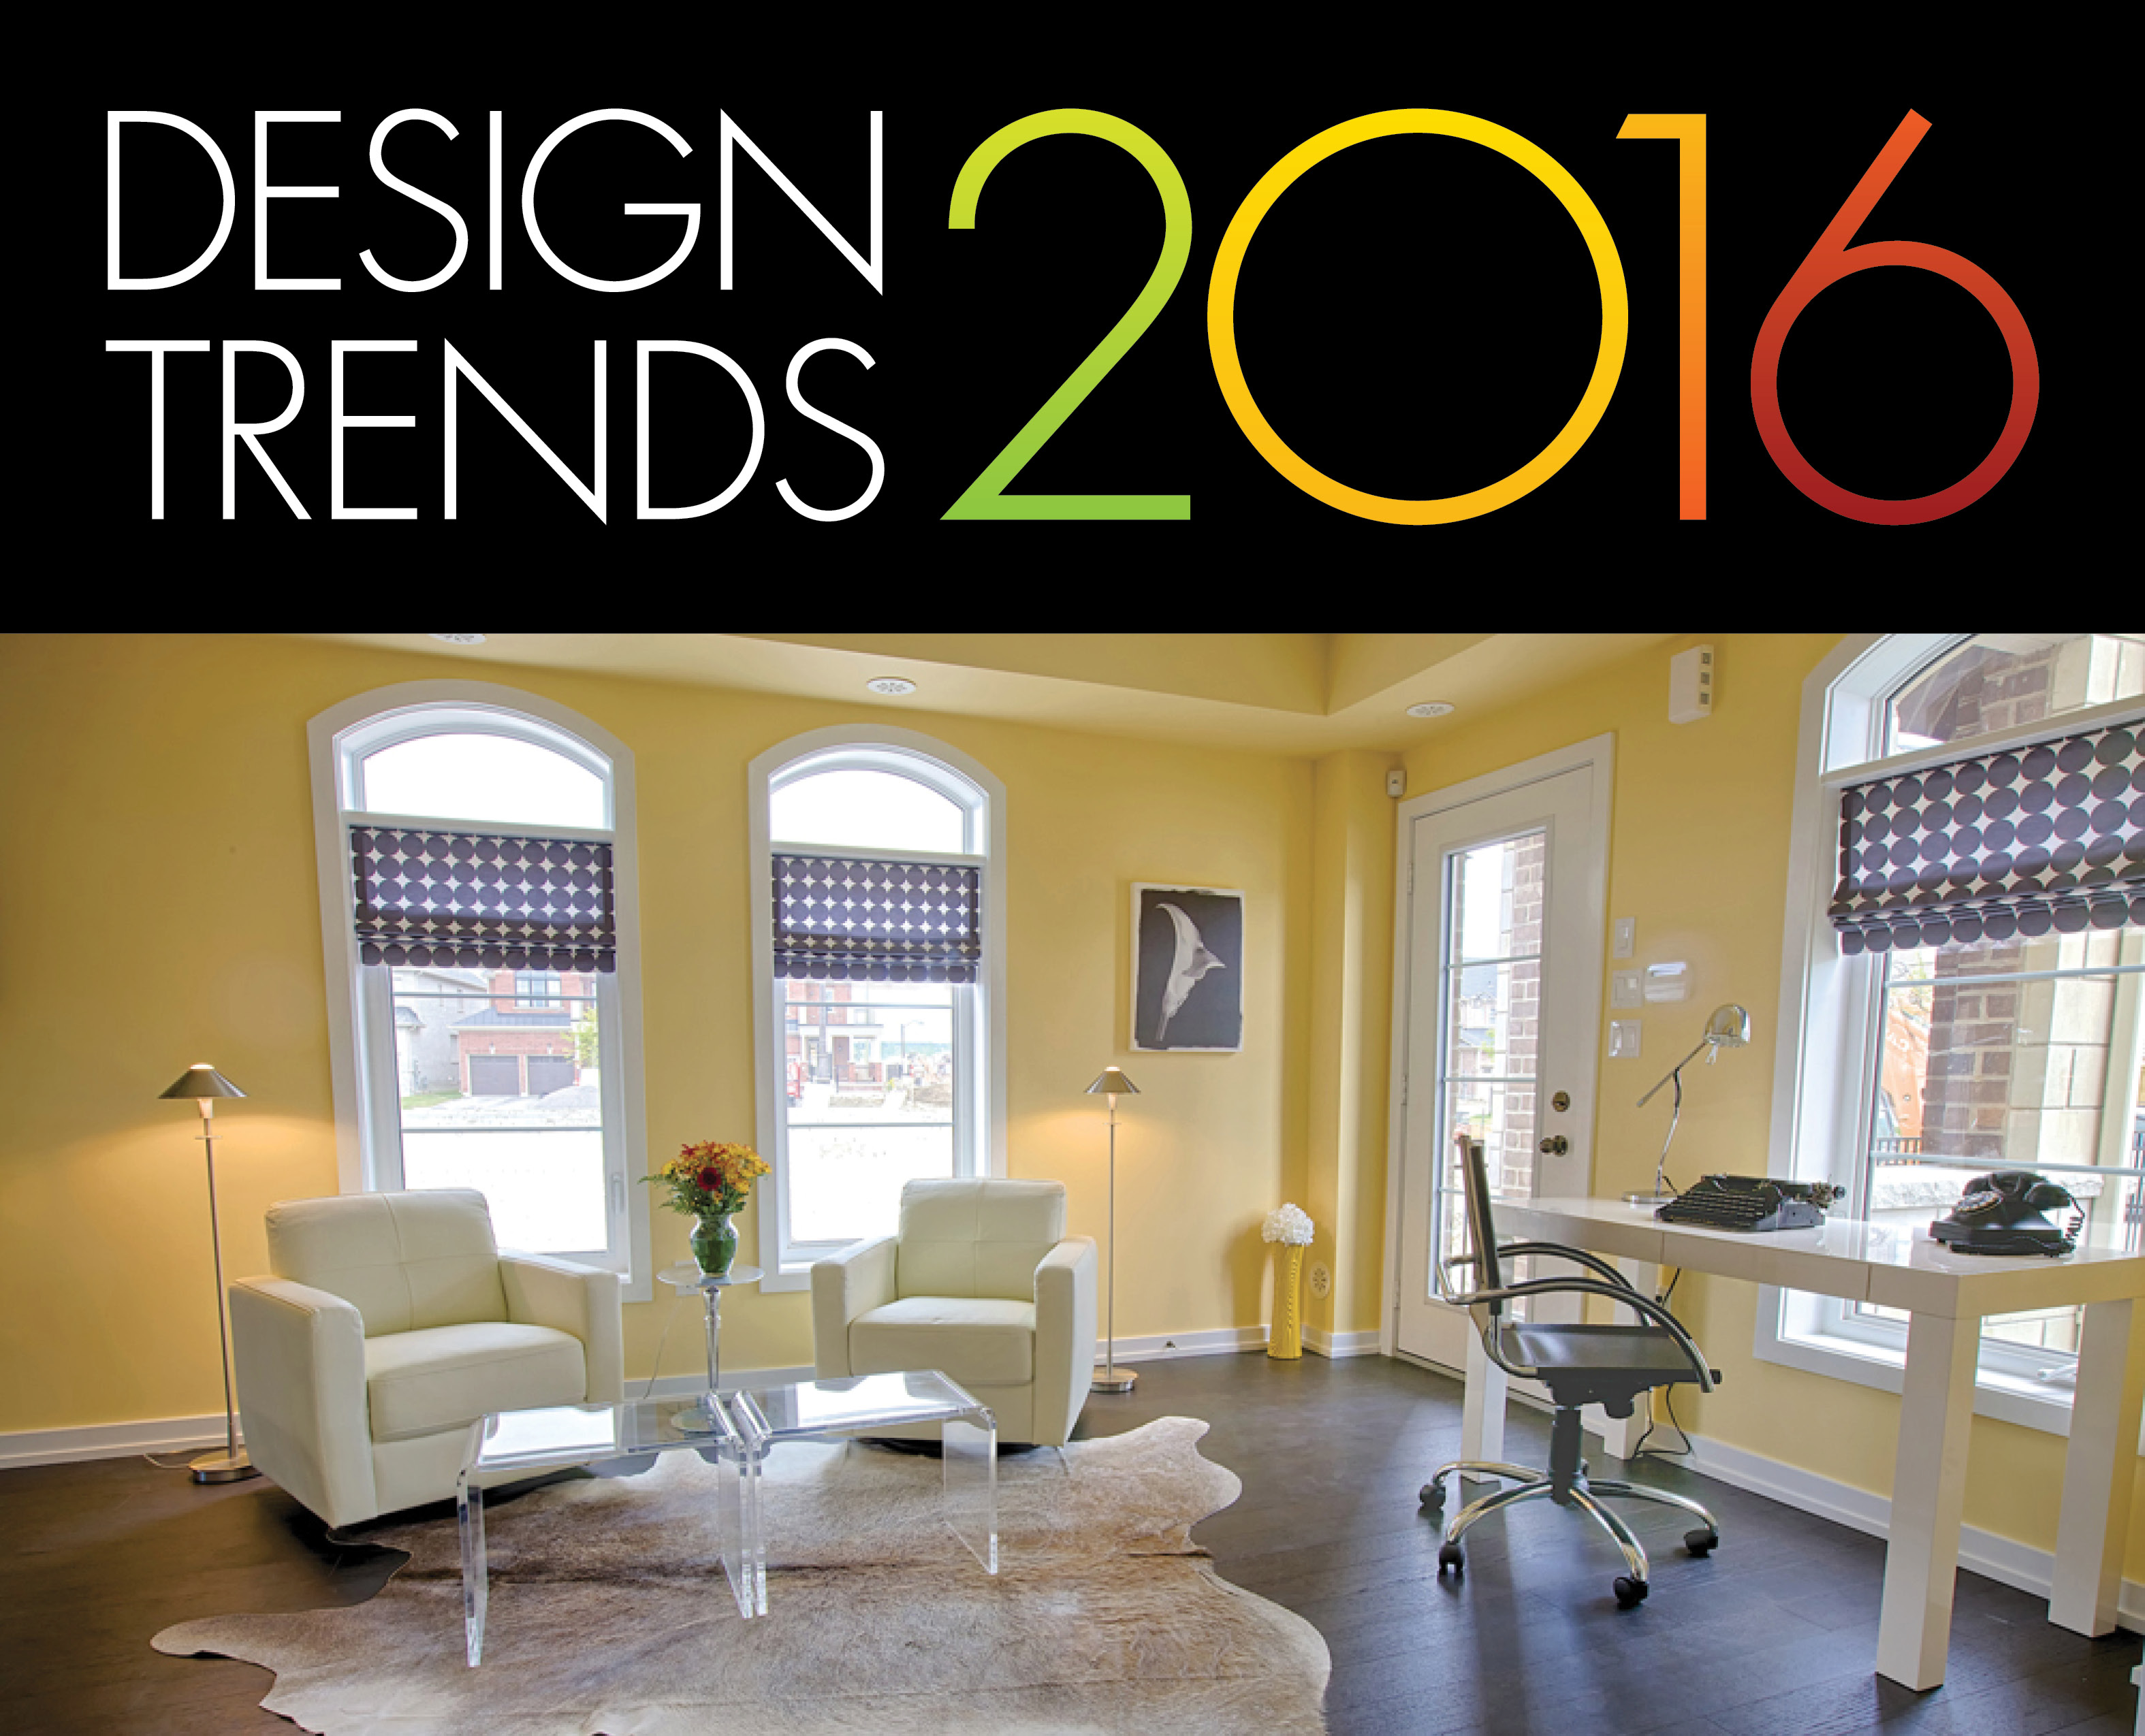 Six Home Décor Trends for 2016 - Geranium Blog